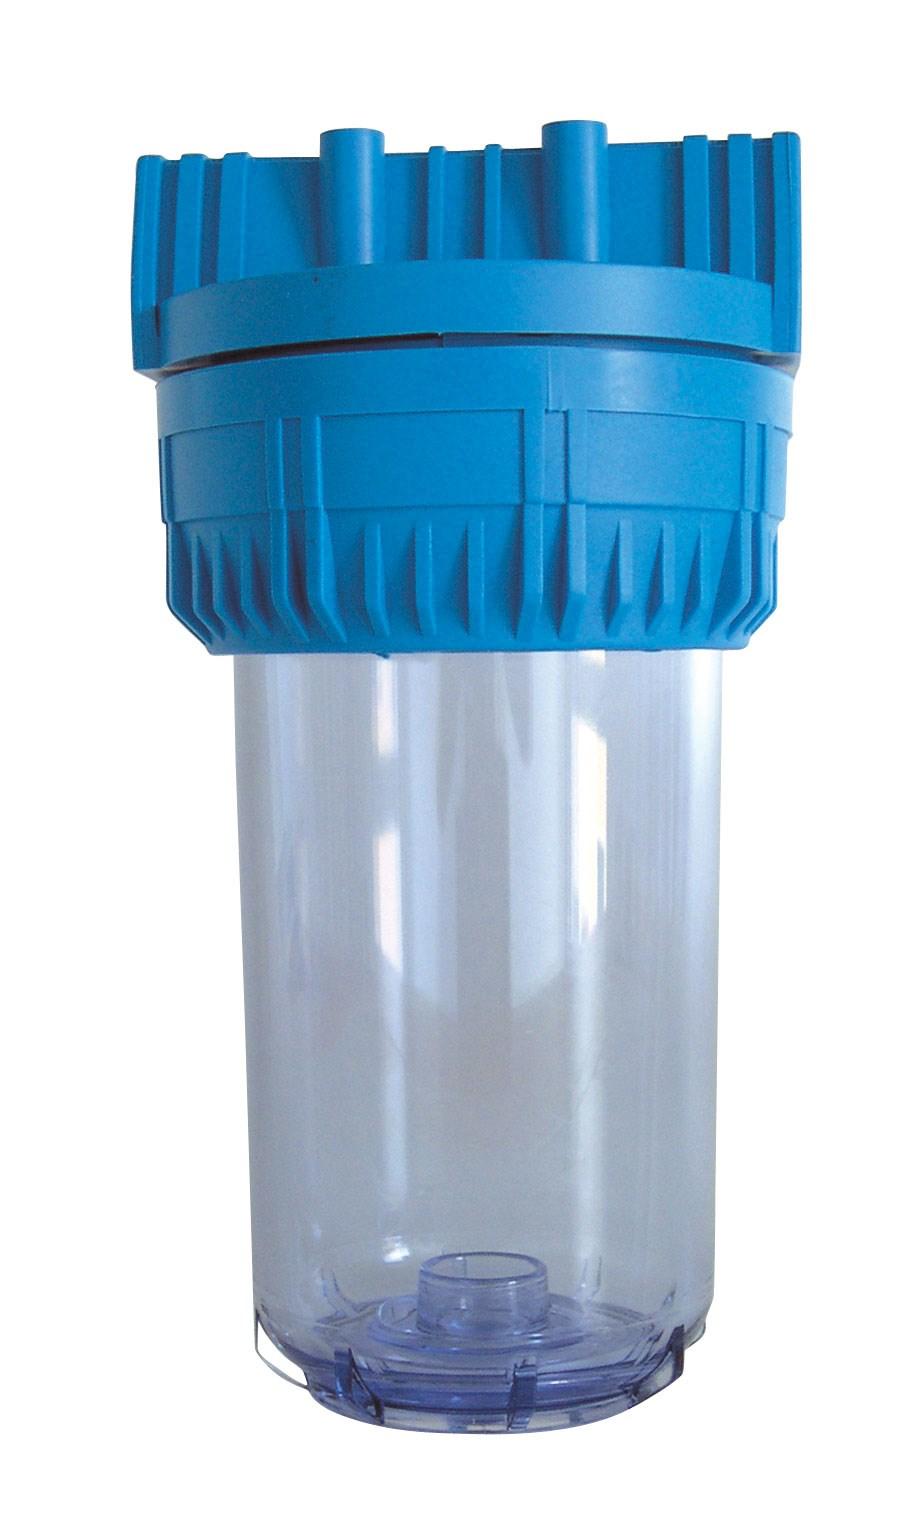 Contenitori per cartucce pineco for Pineco trattamento acqua